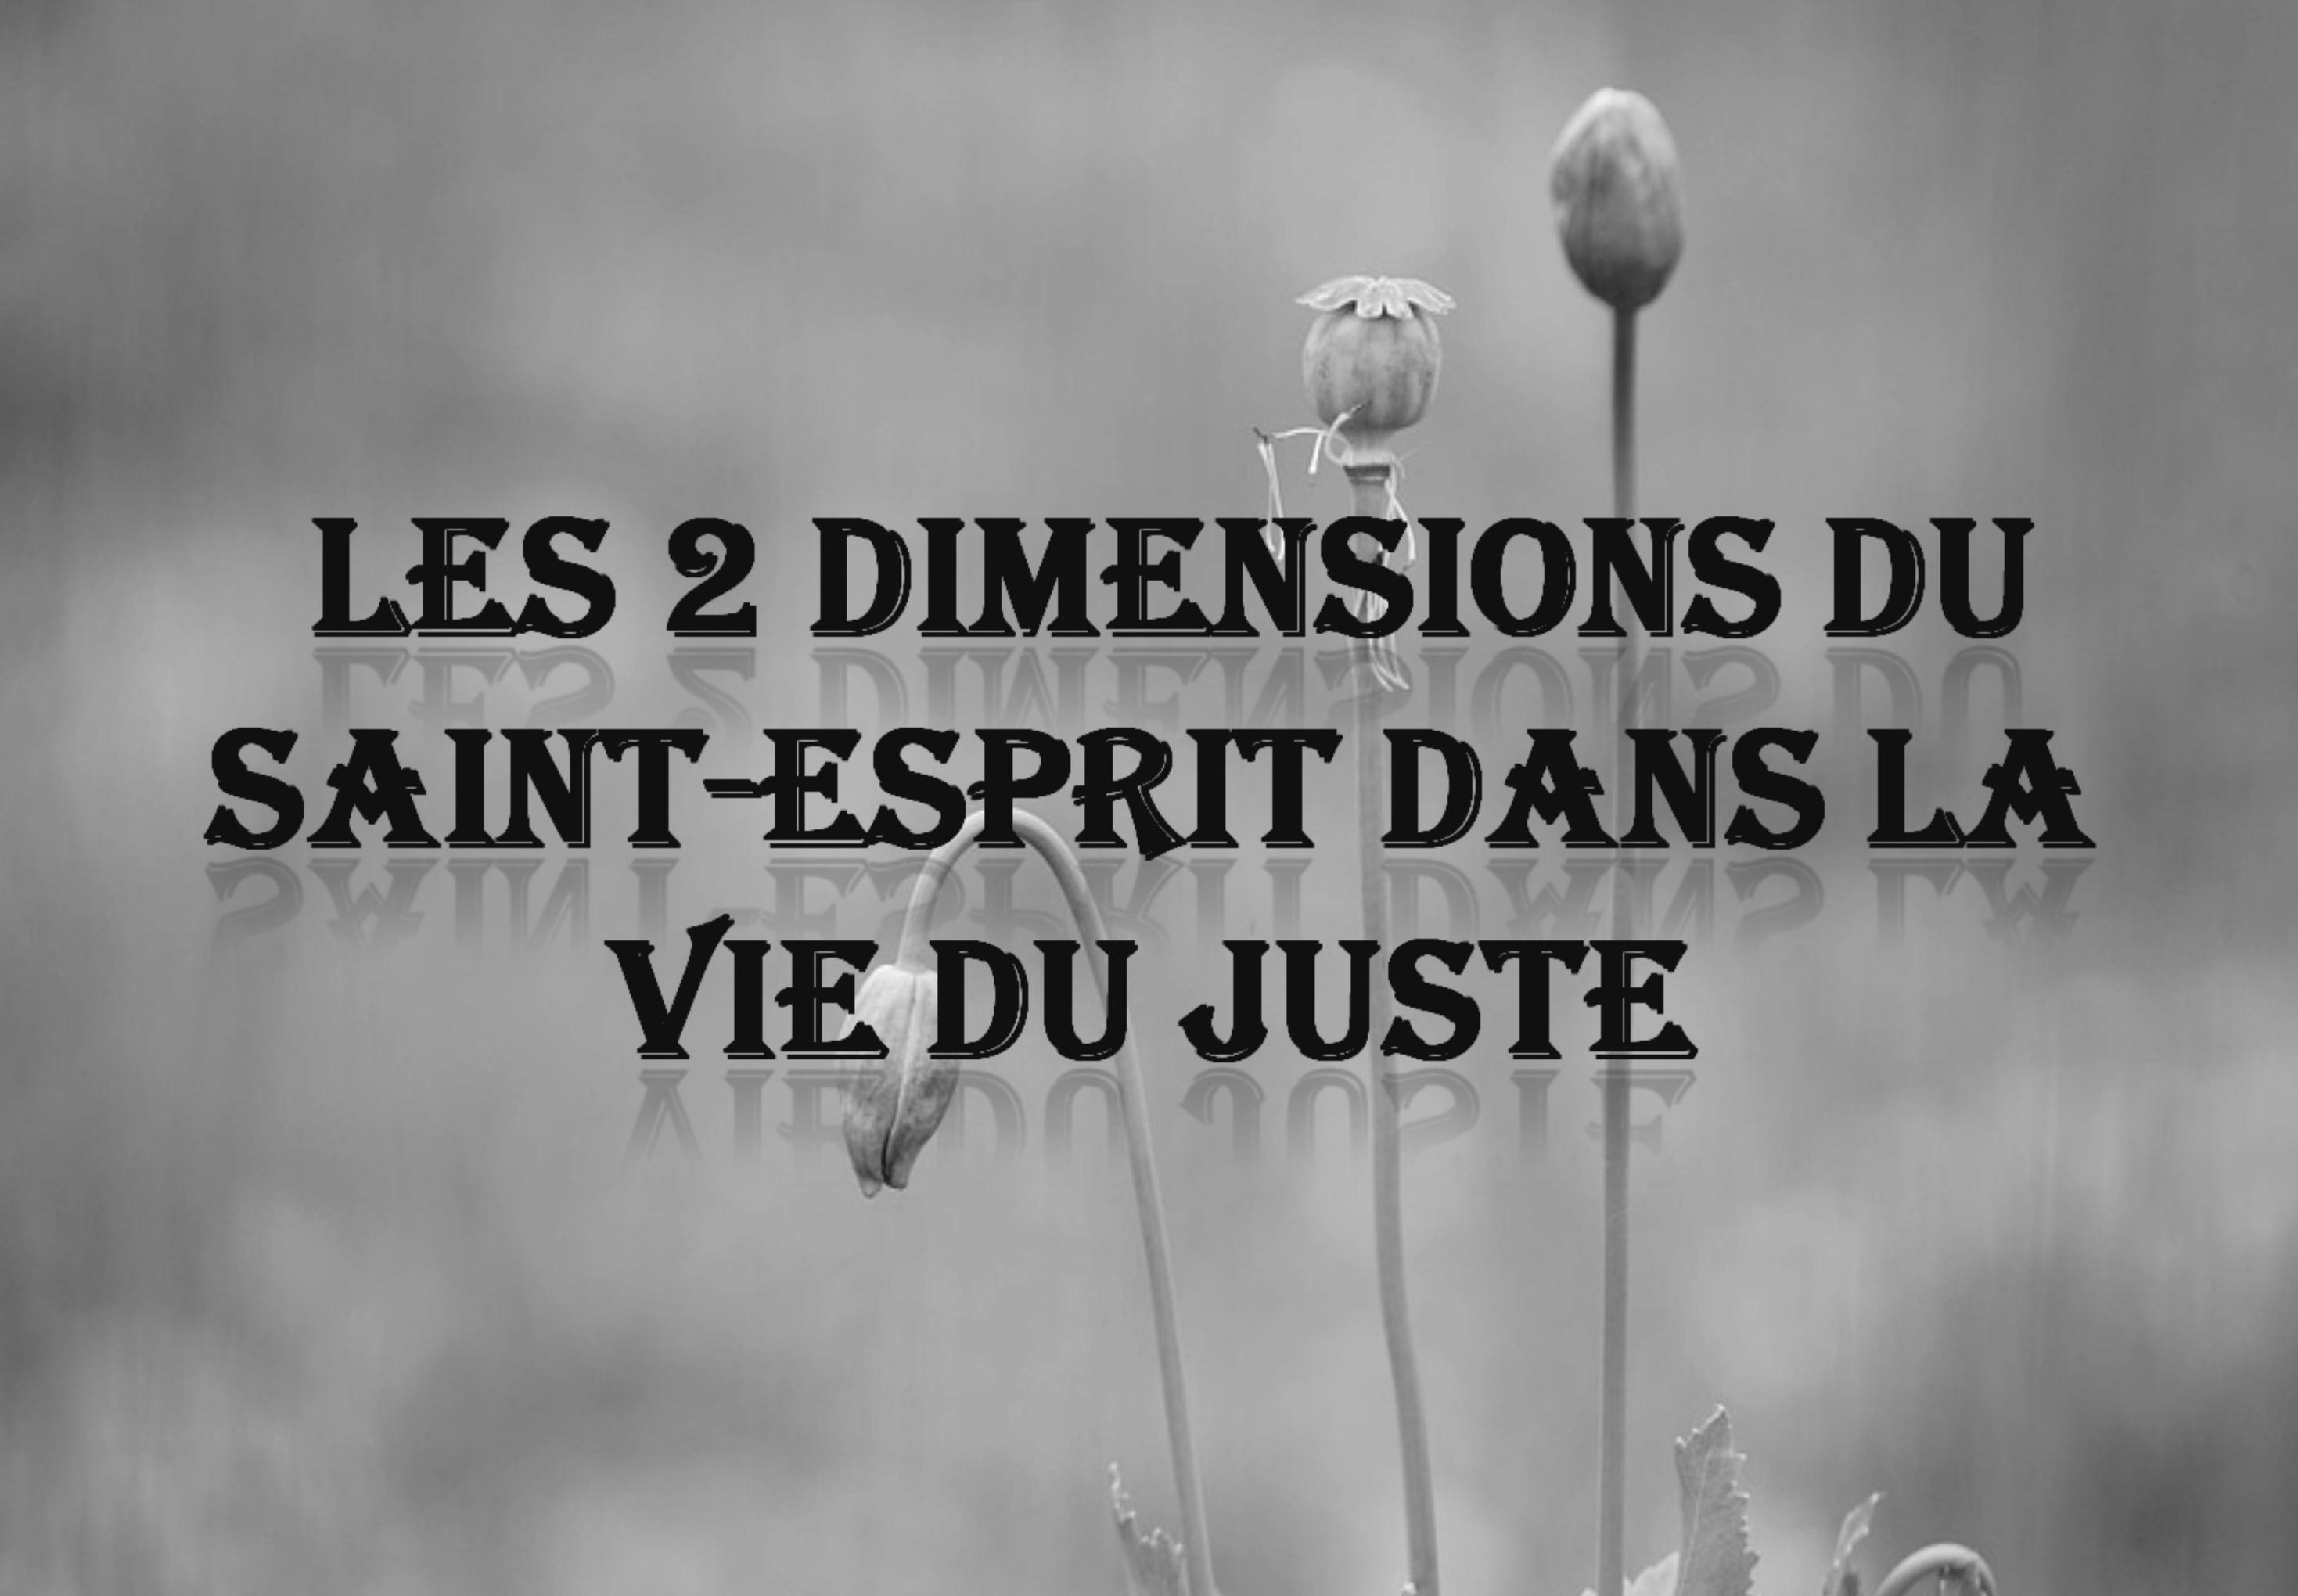 Les deux dimensions du St-Esprit dans la vie du juste